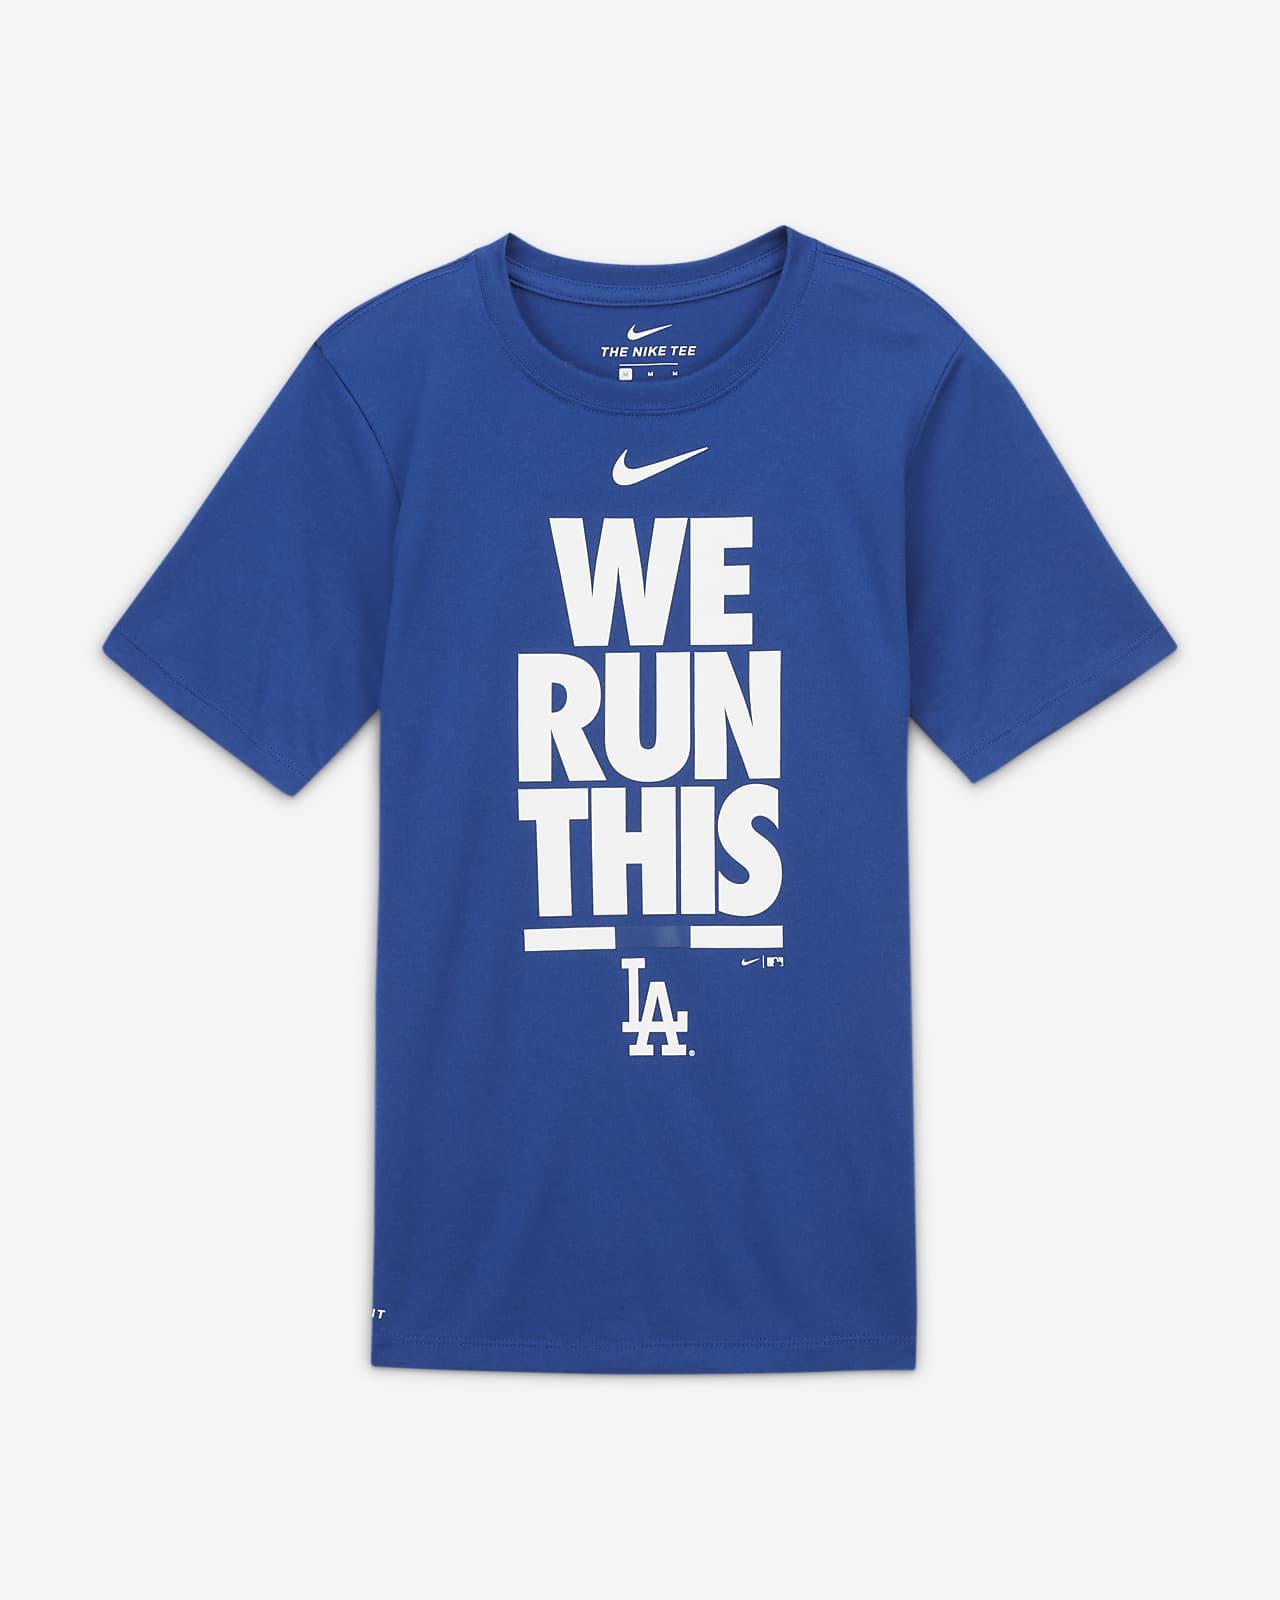 Nike (MLB Los Angeles Dodgers) Big Kids' (Boys') T-Shirt